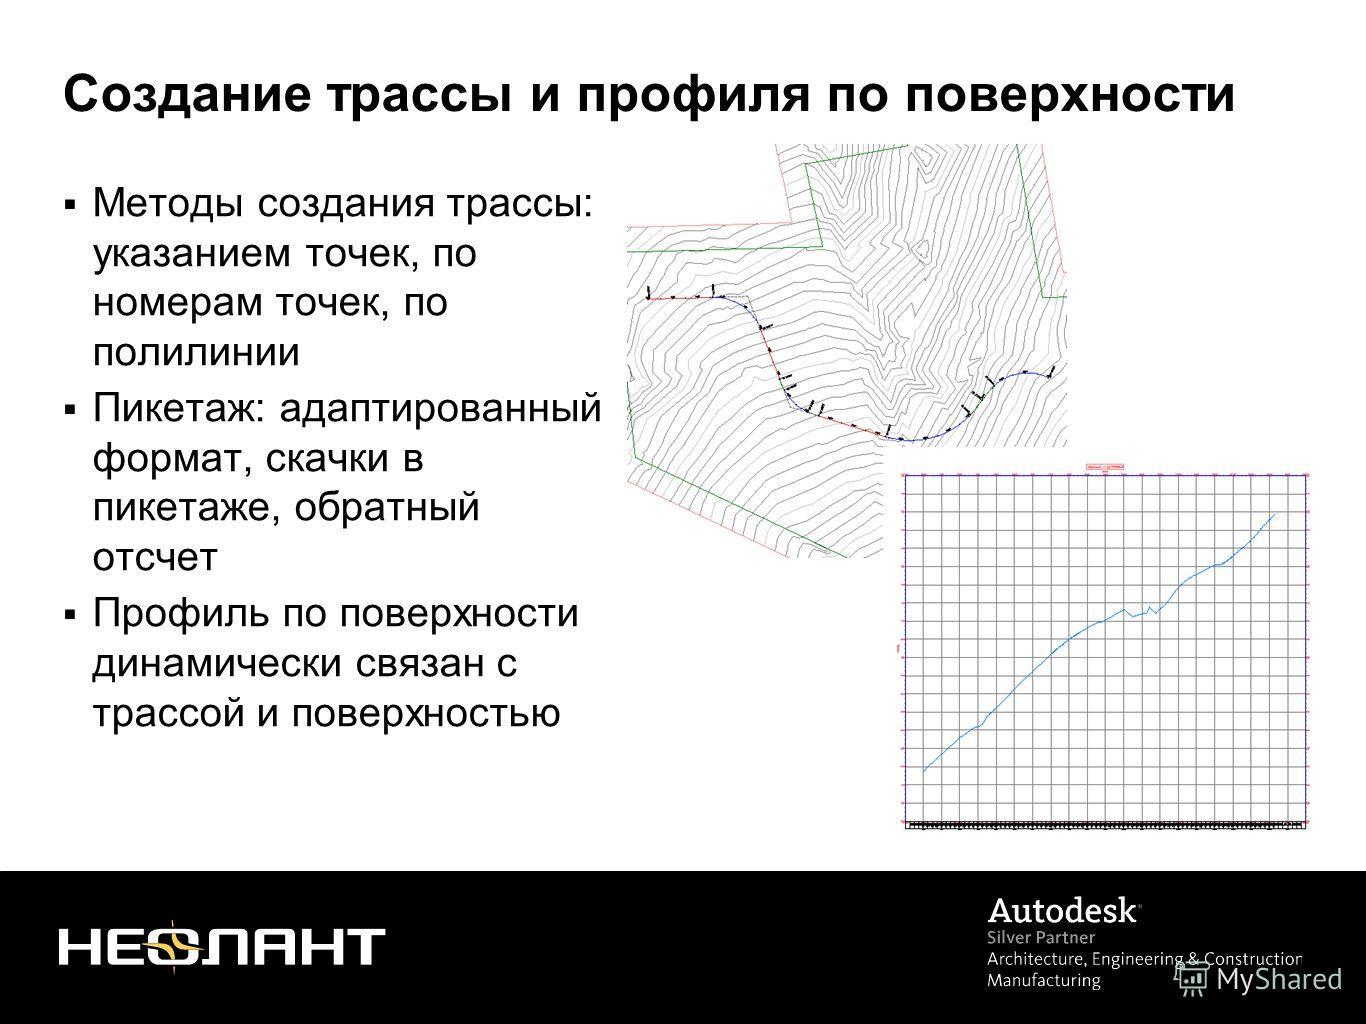 Создание трассы и профиля по поверхности Методы создания трассы: указанием точек, по номерам точек, по полилинии Пикетаж: адаптированный формат, скачки в пикетаже, обратный отсчет Профиль по поверхности динамически связан с трассой и поверхностью